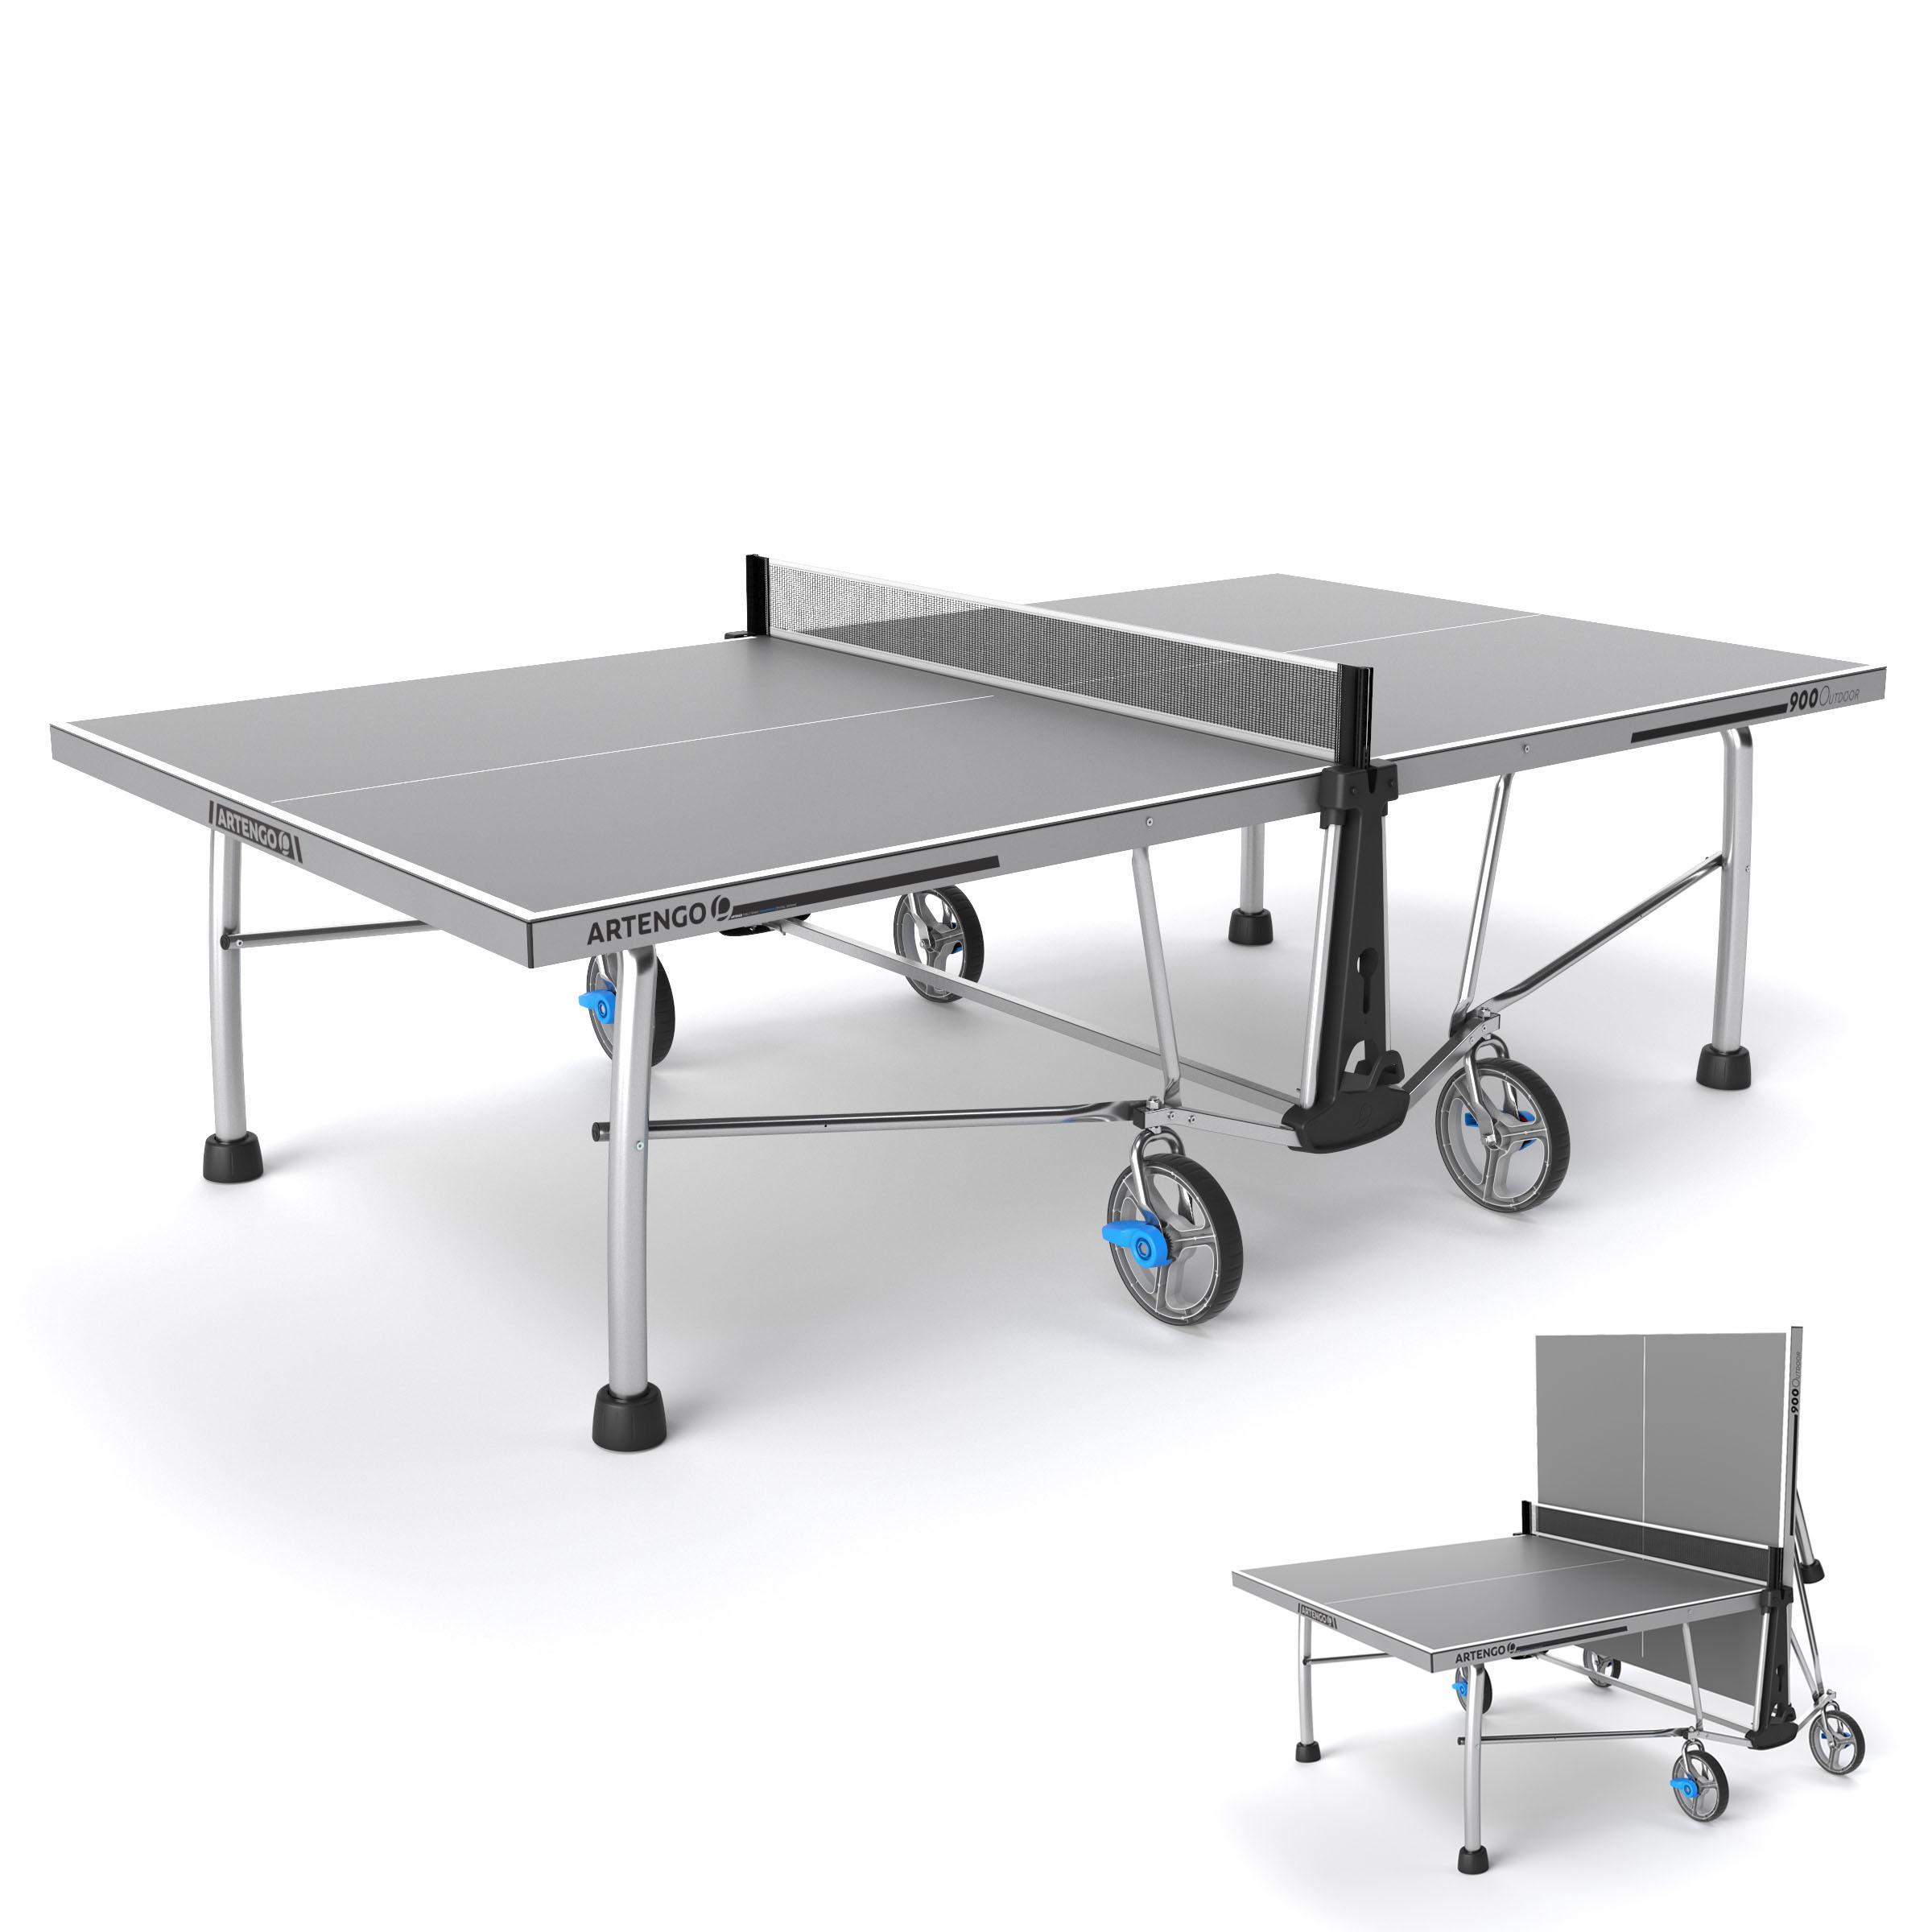 TABLE DE TENNIS DE TABLE LIBRE PPT 900 / FT 860 OUTDOOR